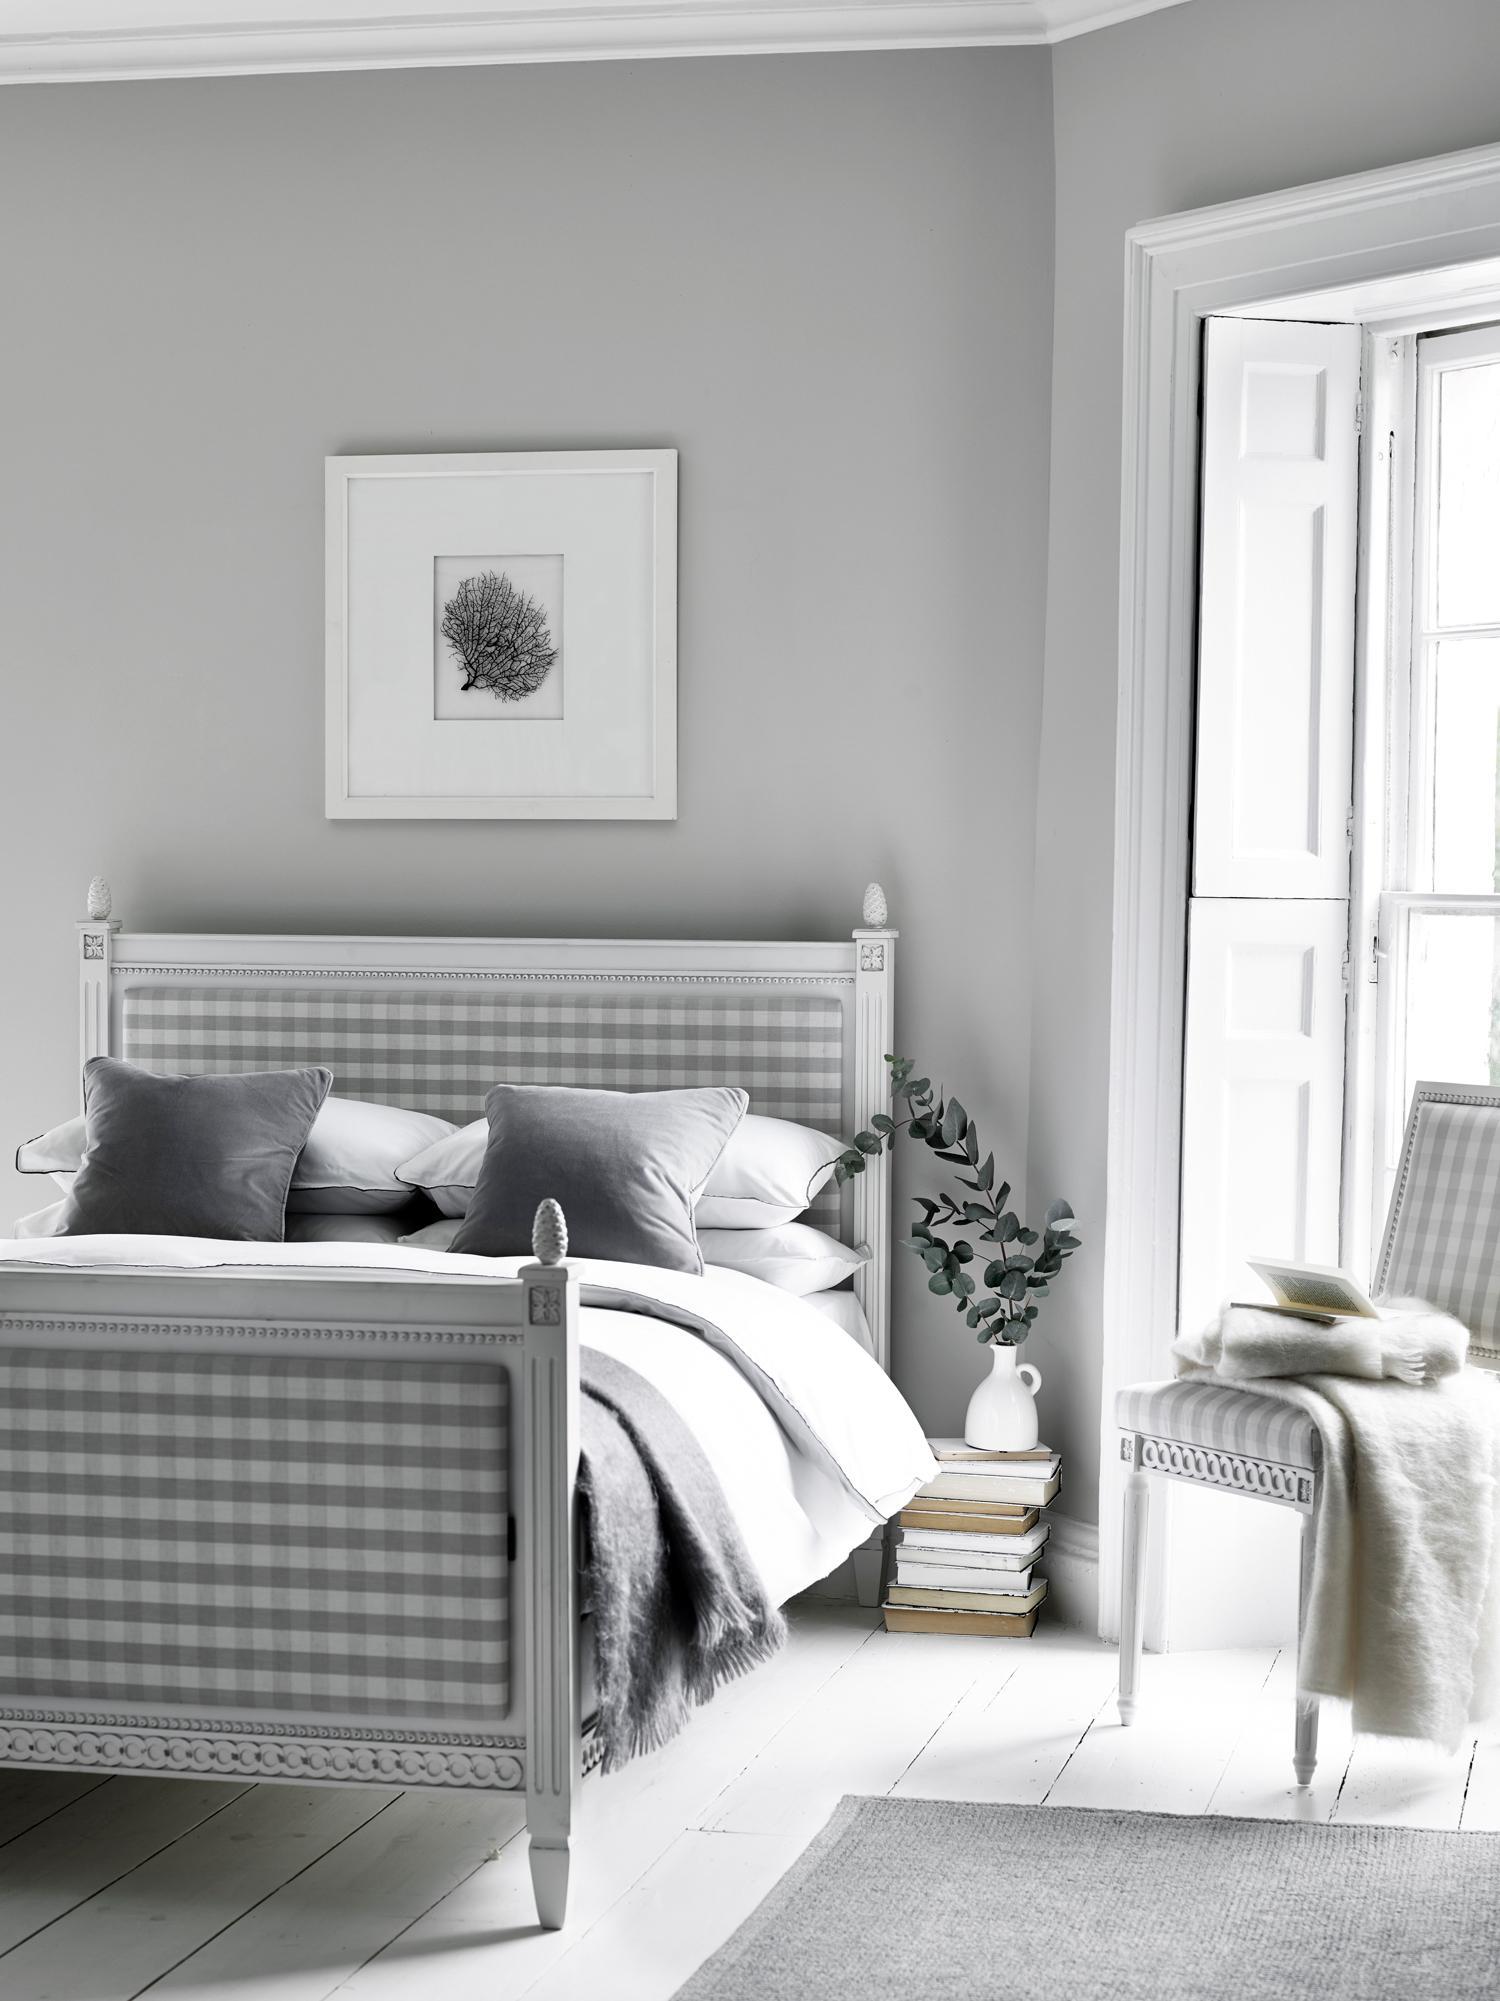 Captivating Schlafzimmer In Grau Weiß #stuhl #dielenboden #landhausstil  #zimmergestaltung ©Neptune